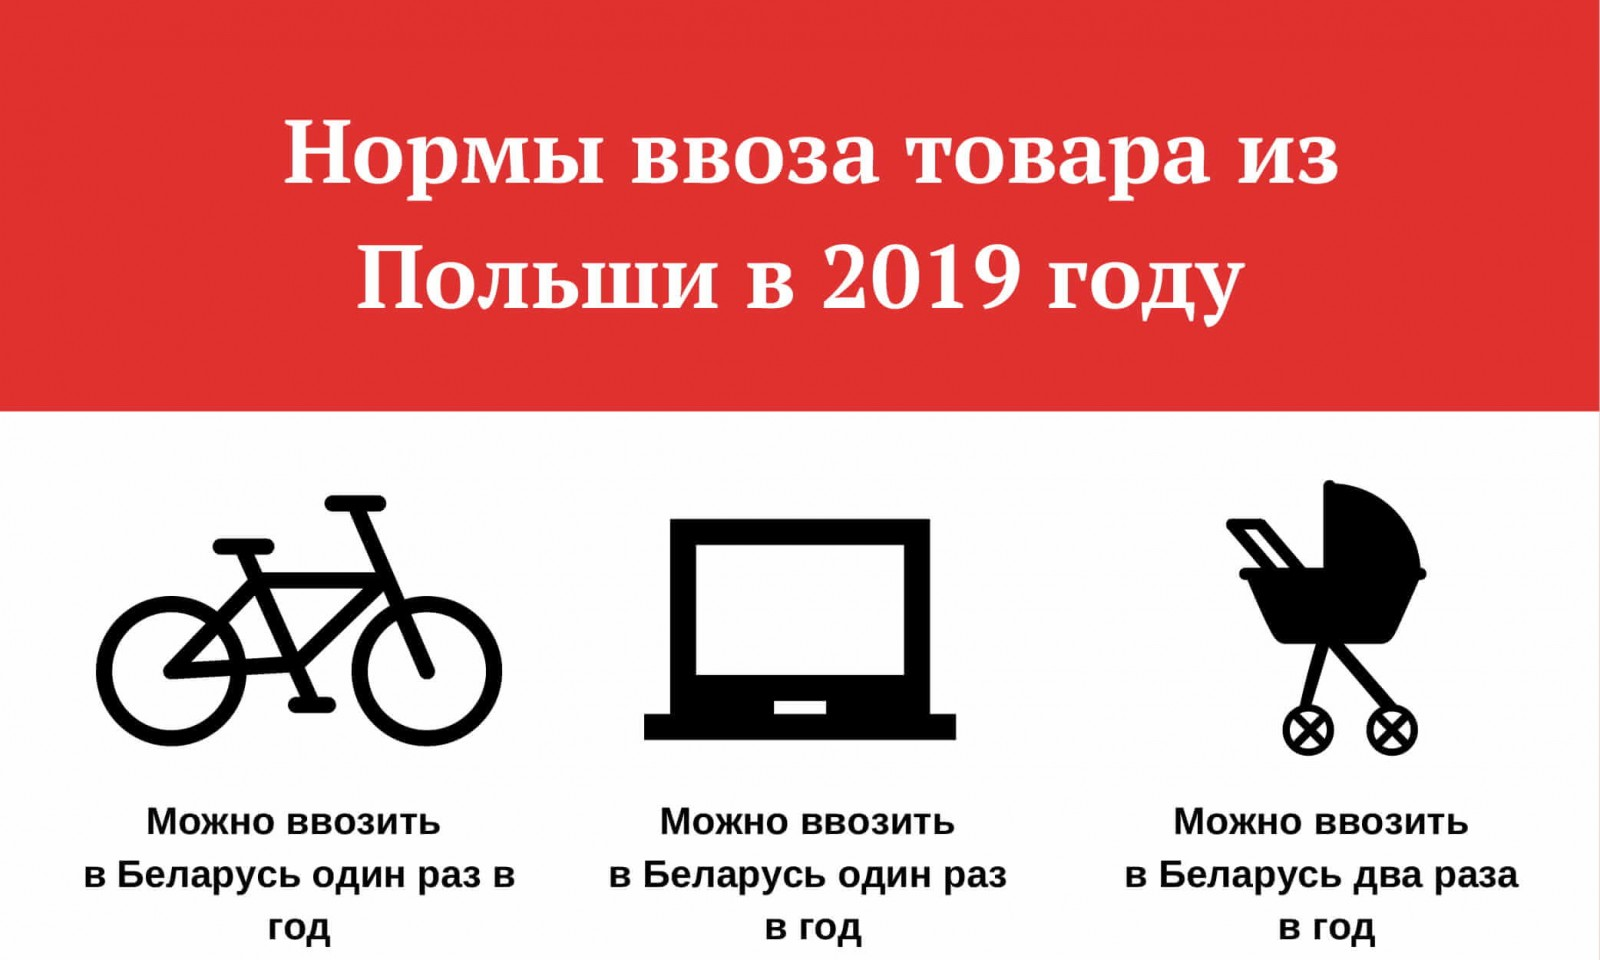 Таможенные правила россии в 2021 году на ввоз и вывоз товаров